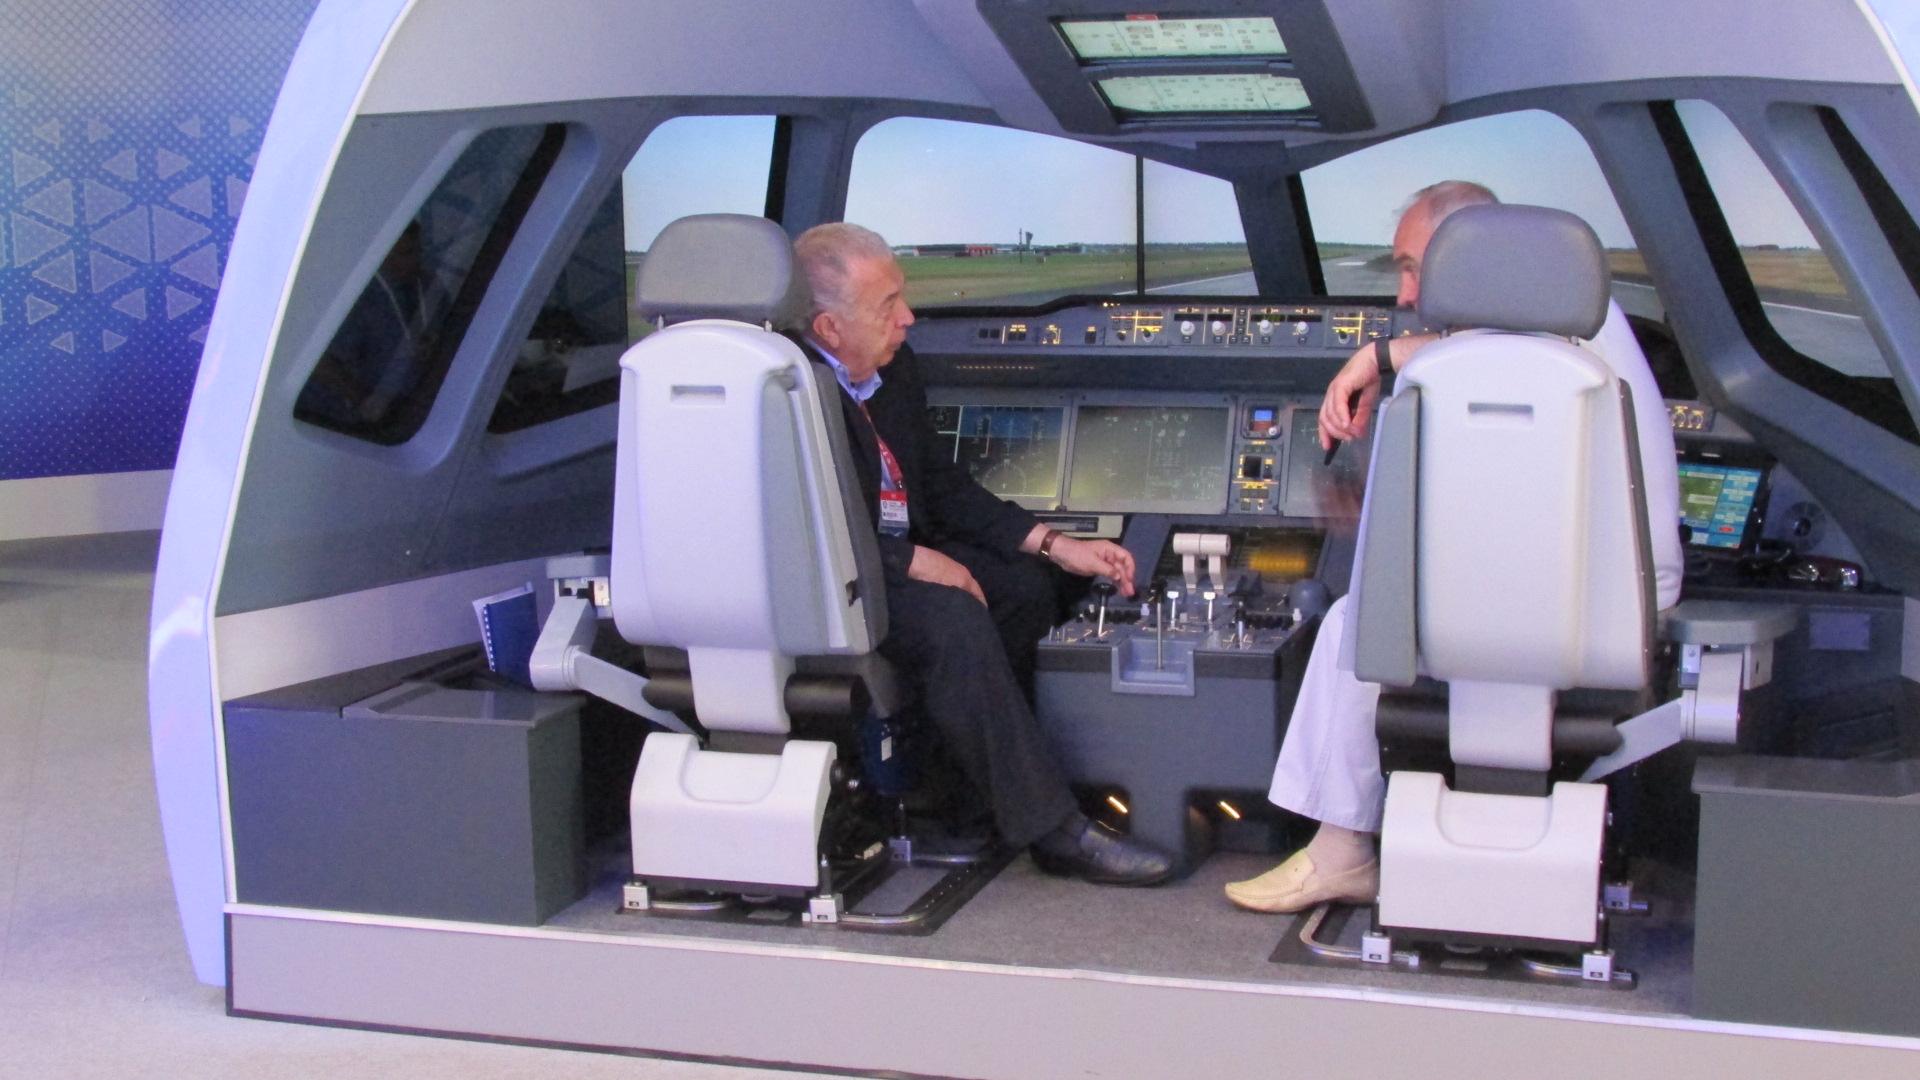 Разрабокта ближне-среднемагистральных самолетов МС-21